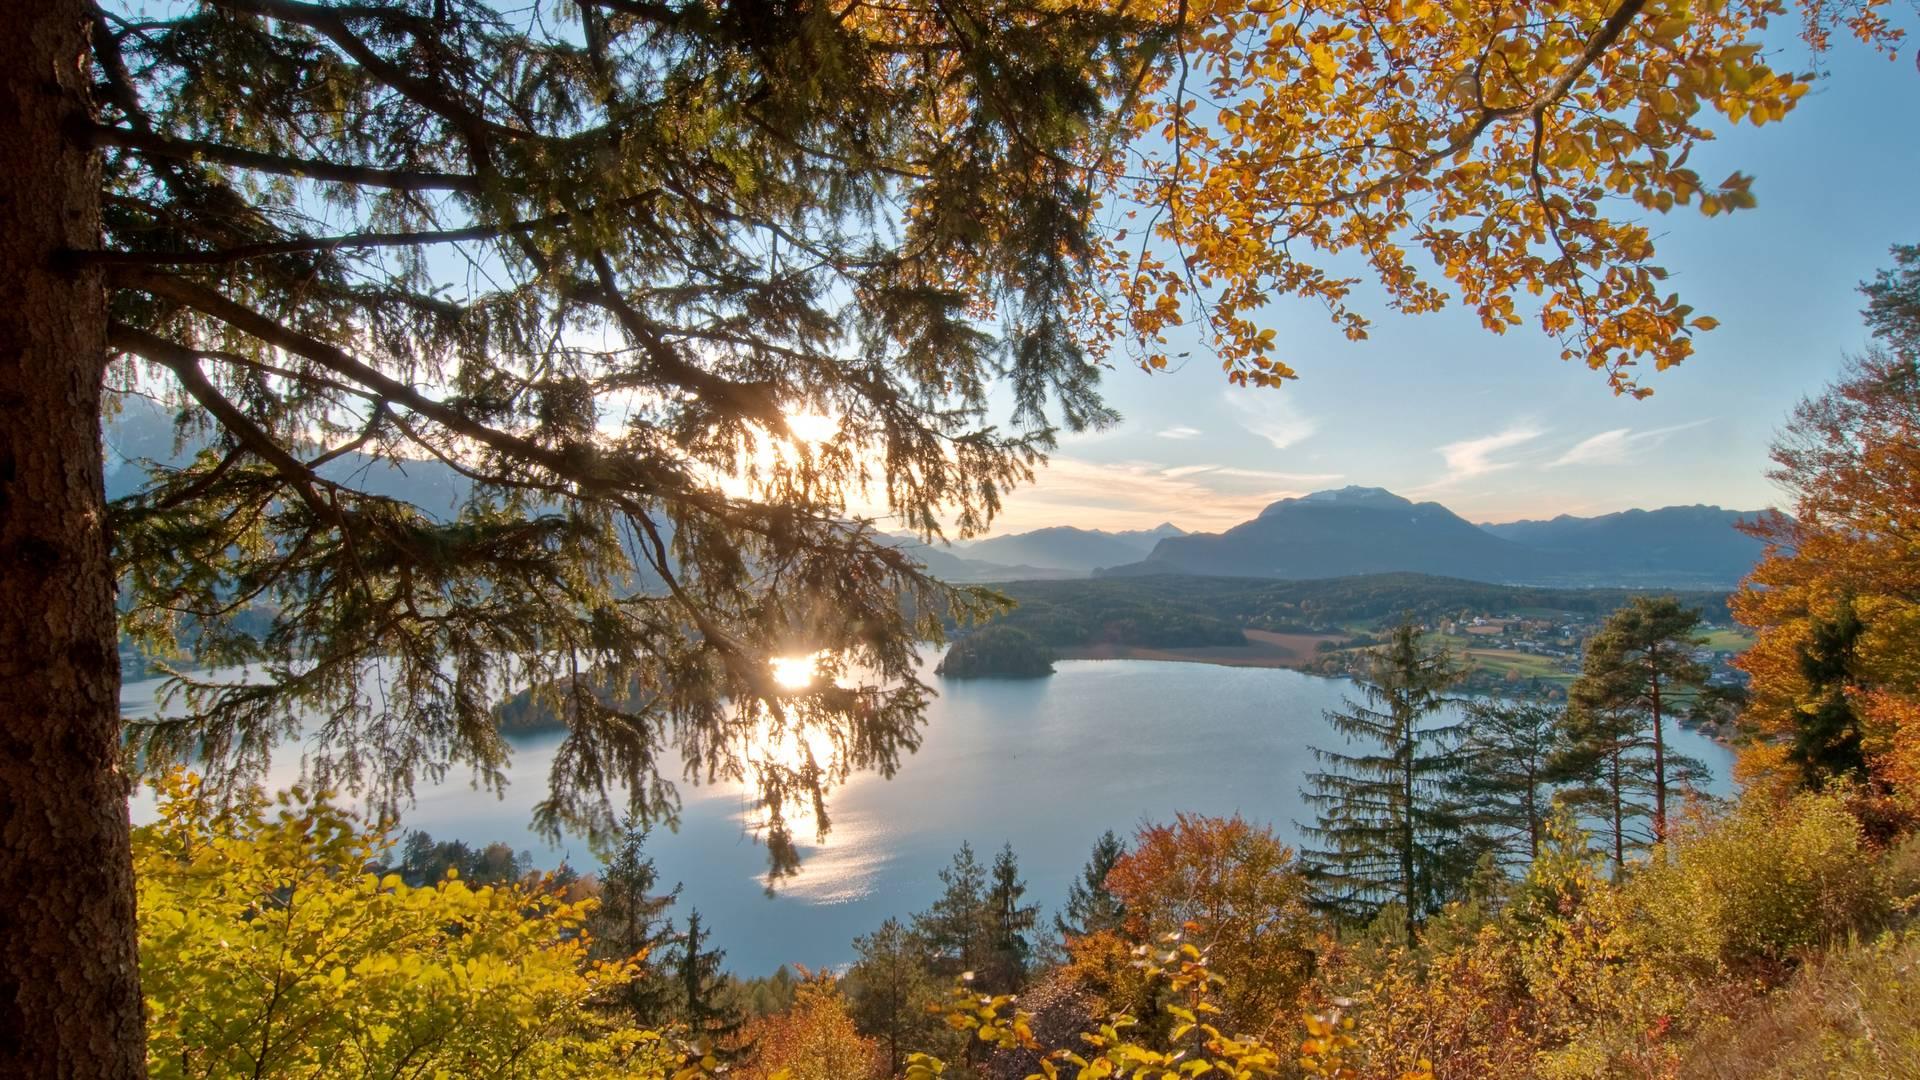 Auf der Taborhöhe am Faaker See in der Region Villach